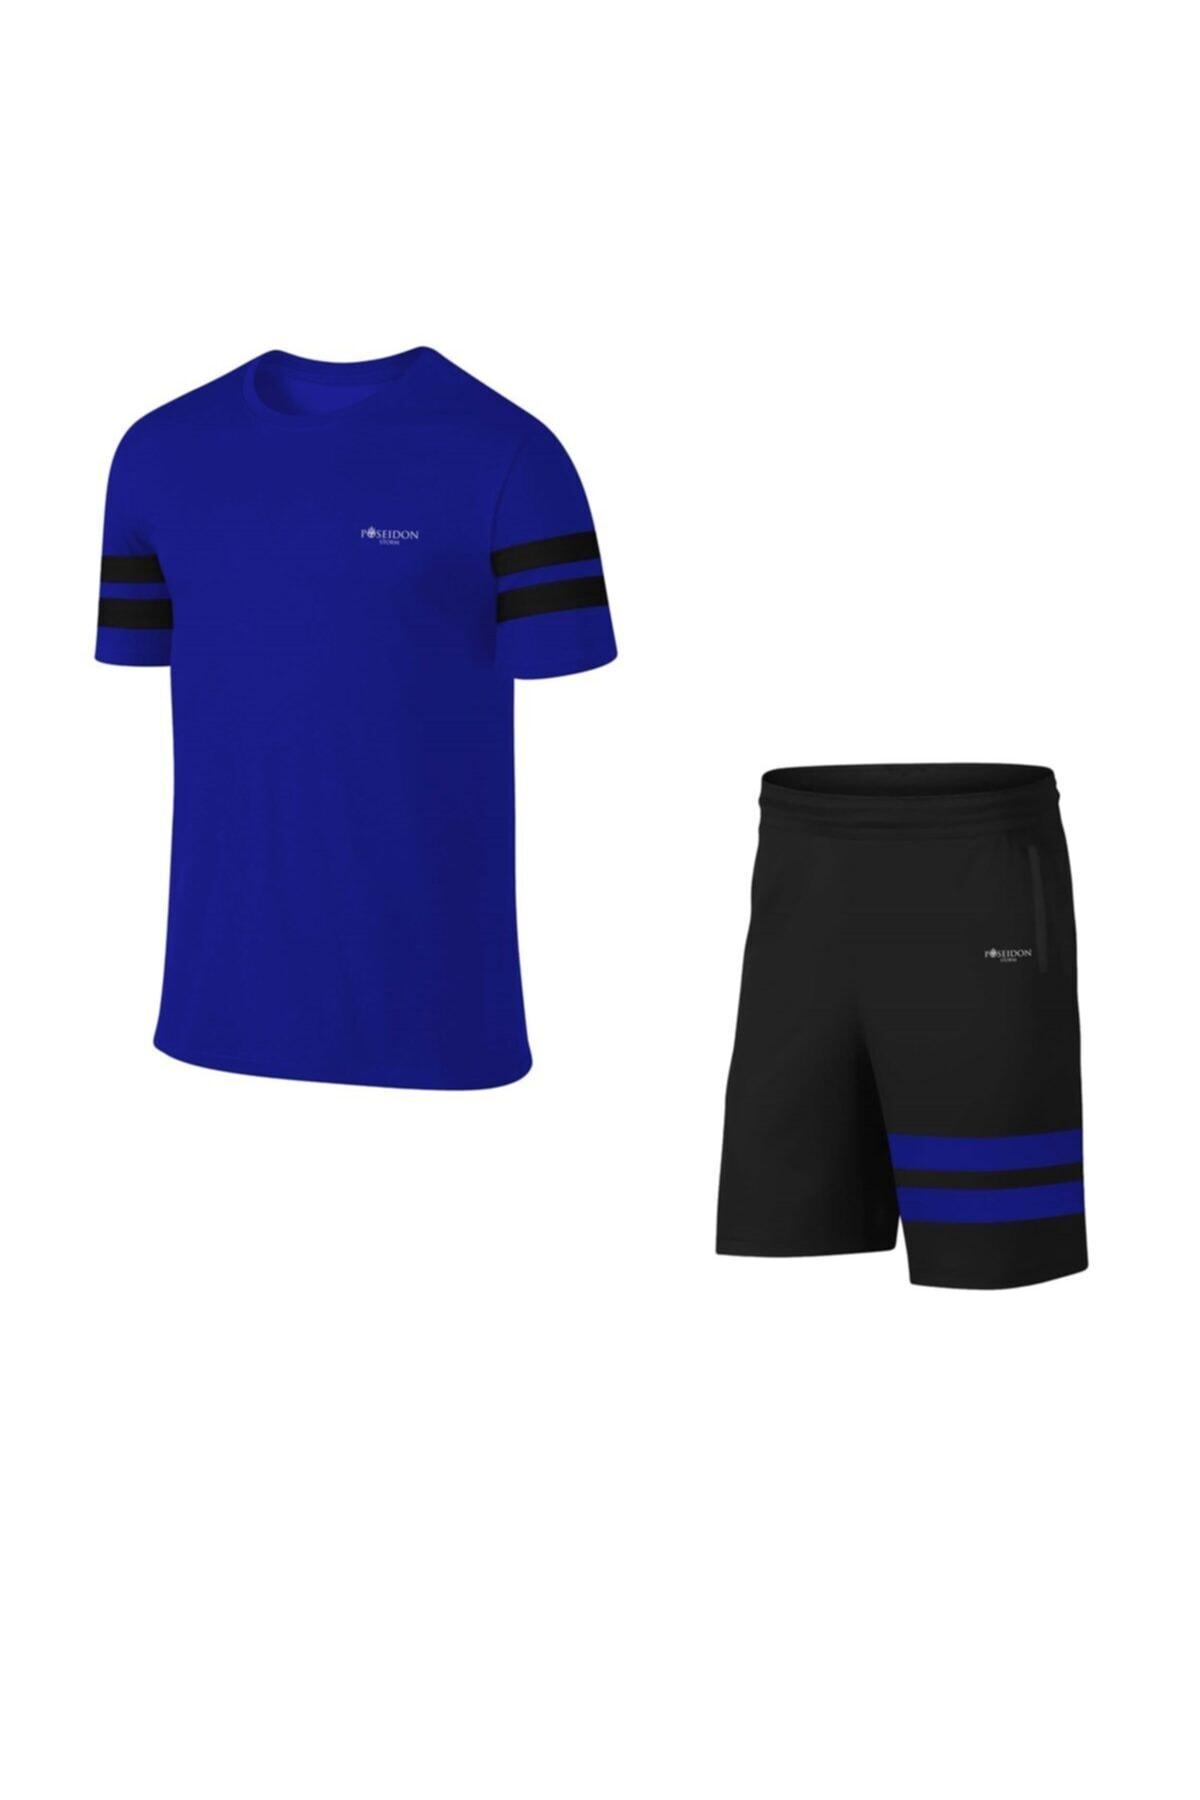 Erkek Mavi Günlük Sporcu Tişört Ve Şort Takımı S-3xl - Siyah Iki Bant - Md4